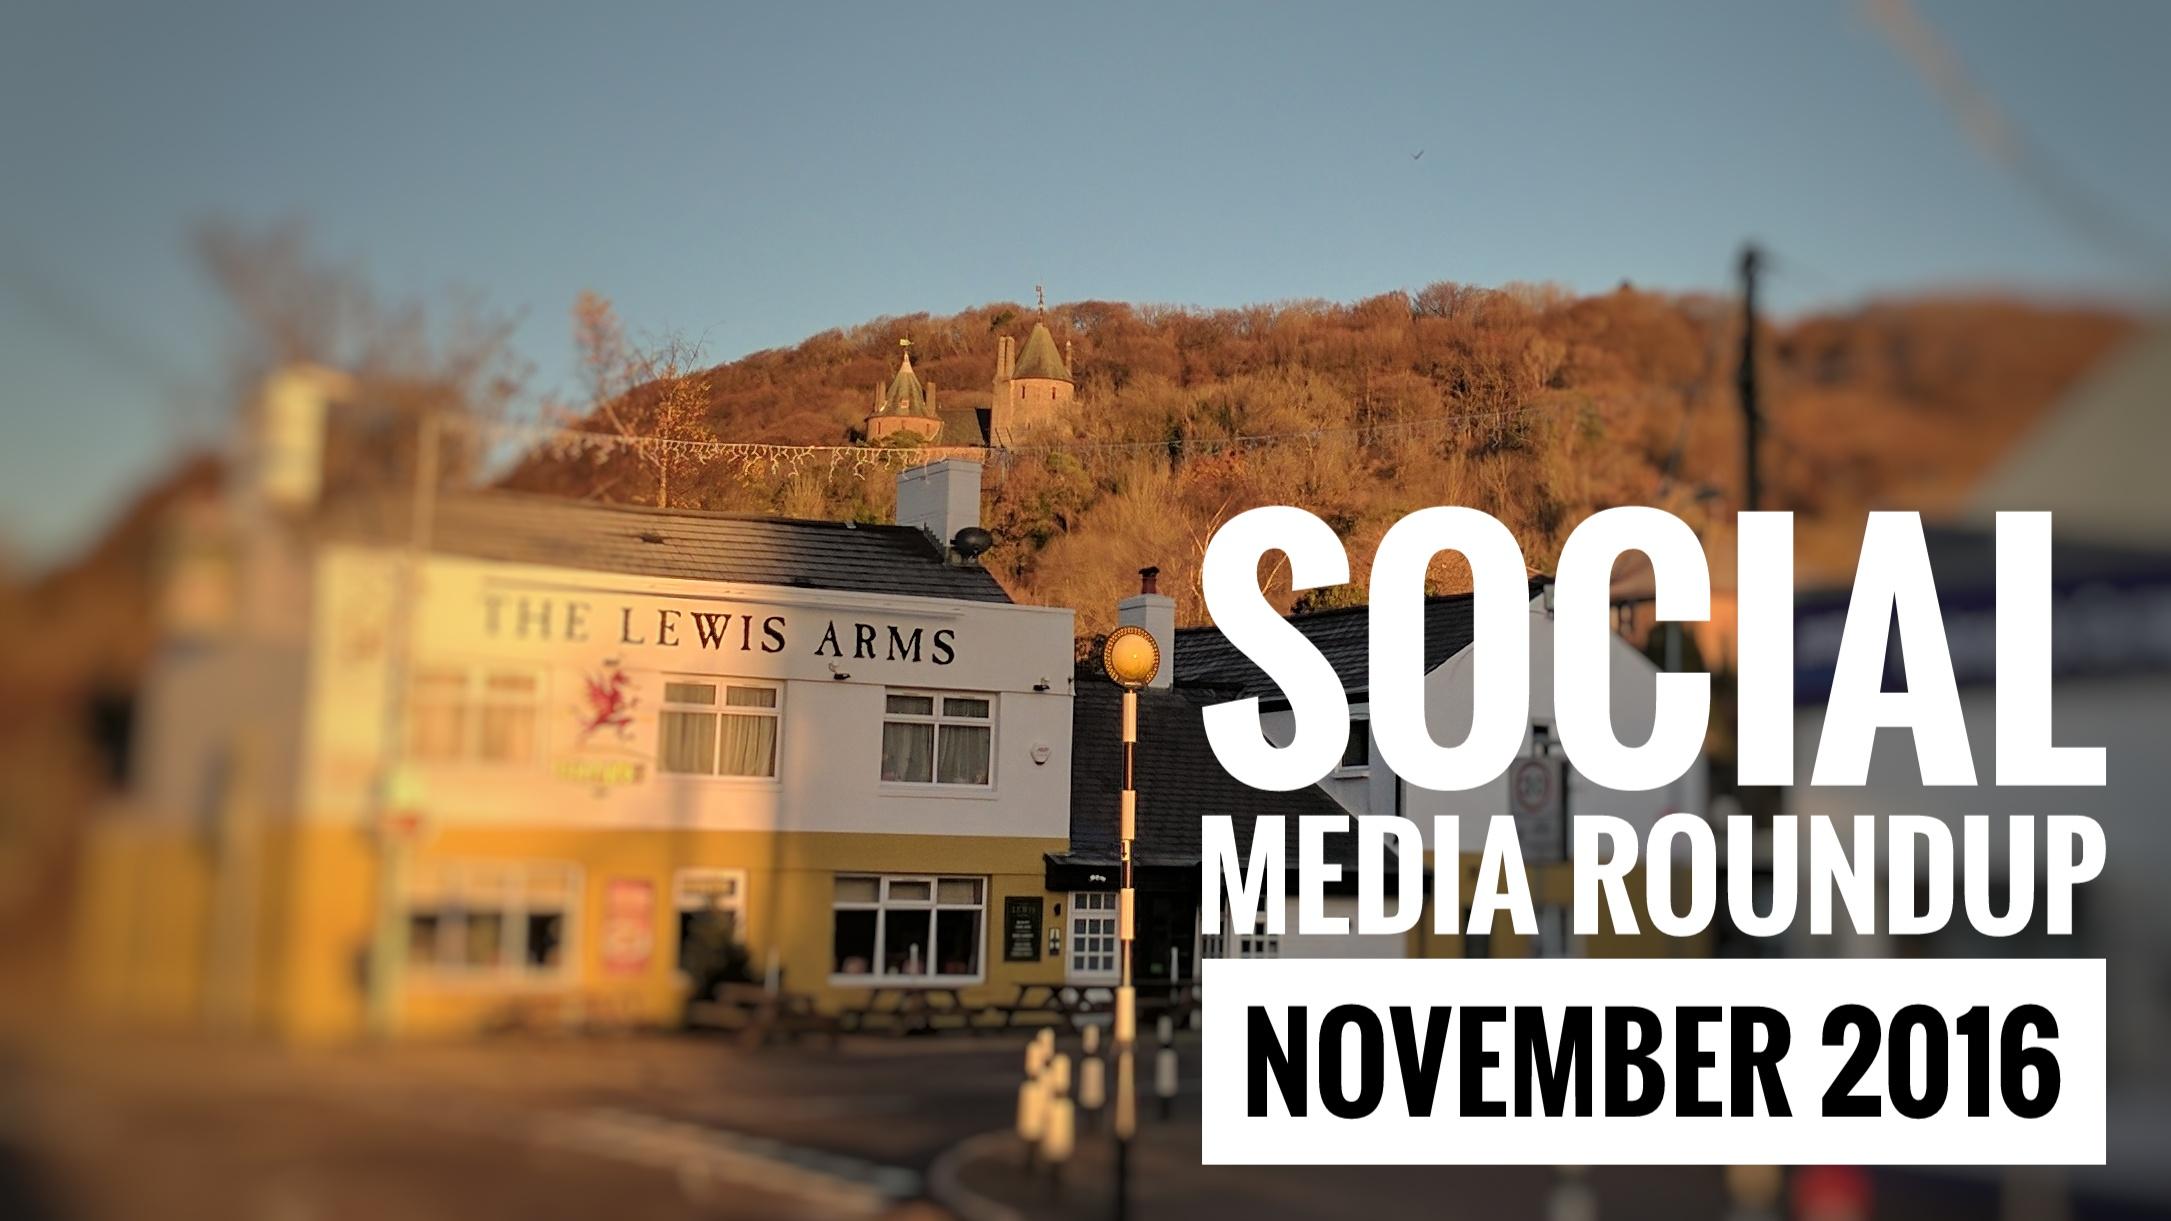 Social Media Roundup November 2016 header